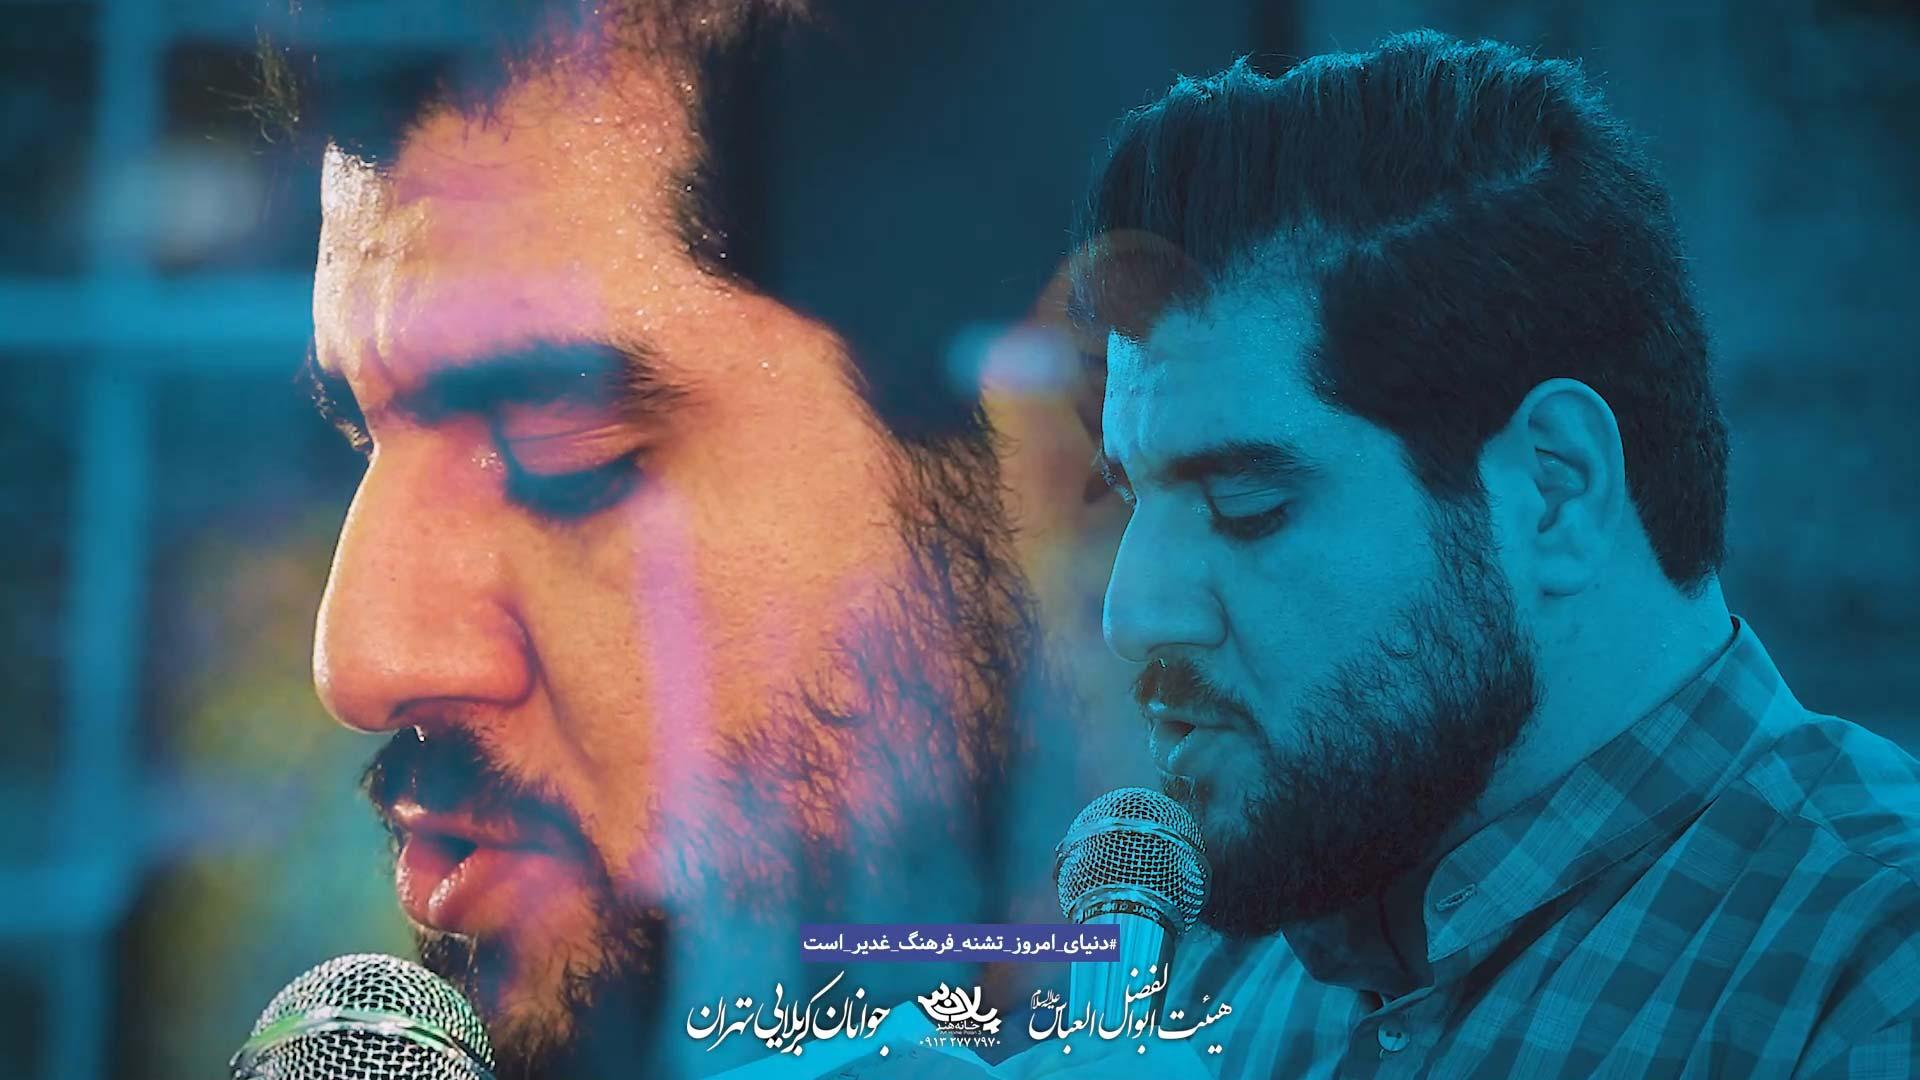 به نام حضرت مولا کاظم اکبری